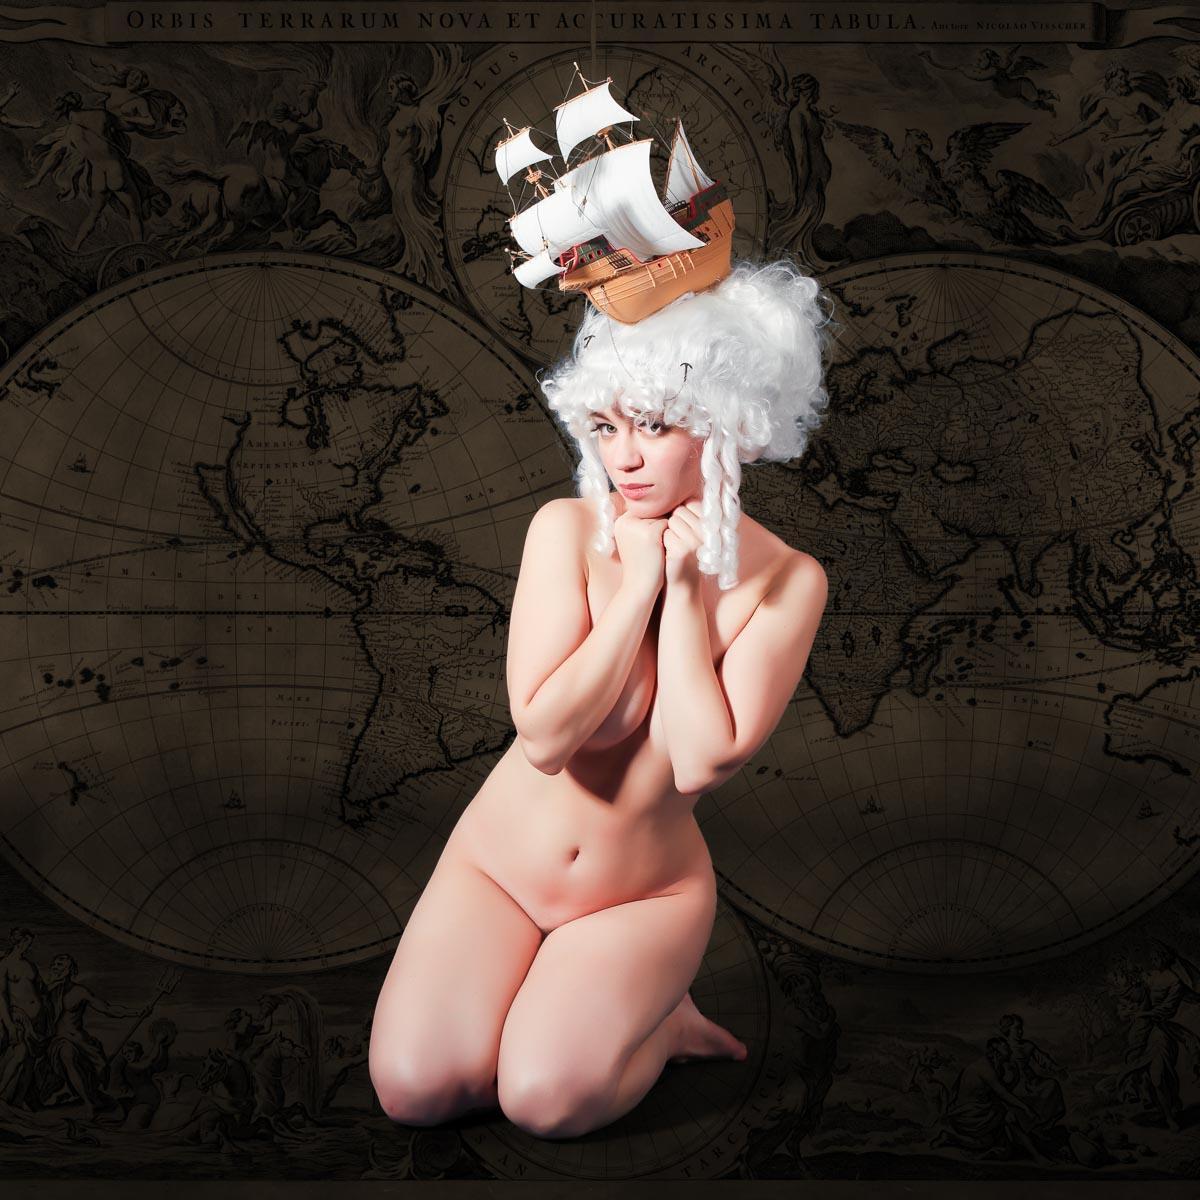 A-la Belle Poule, девушка, ню, прическа, старинное, Сергей Козинцев